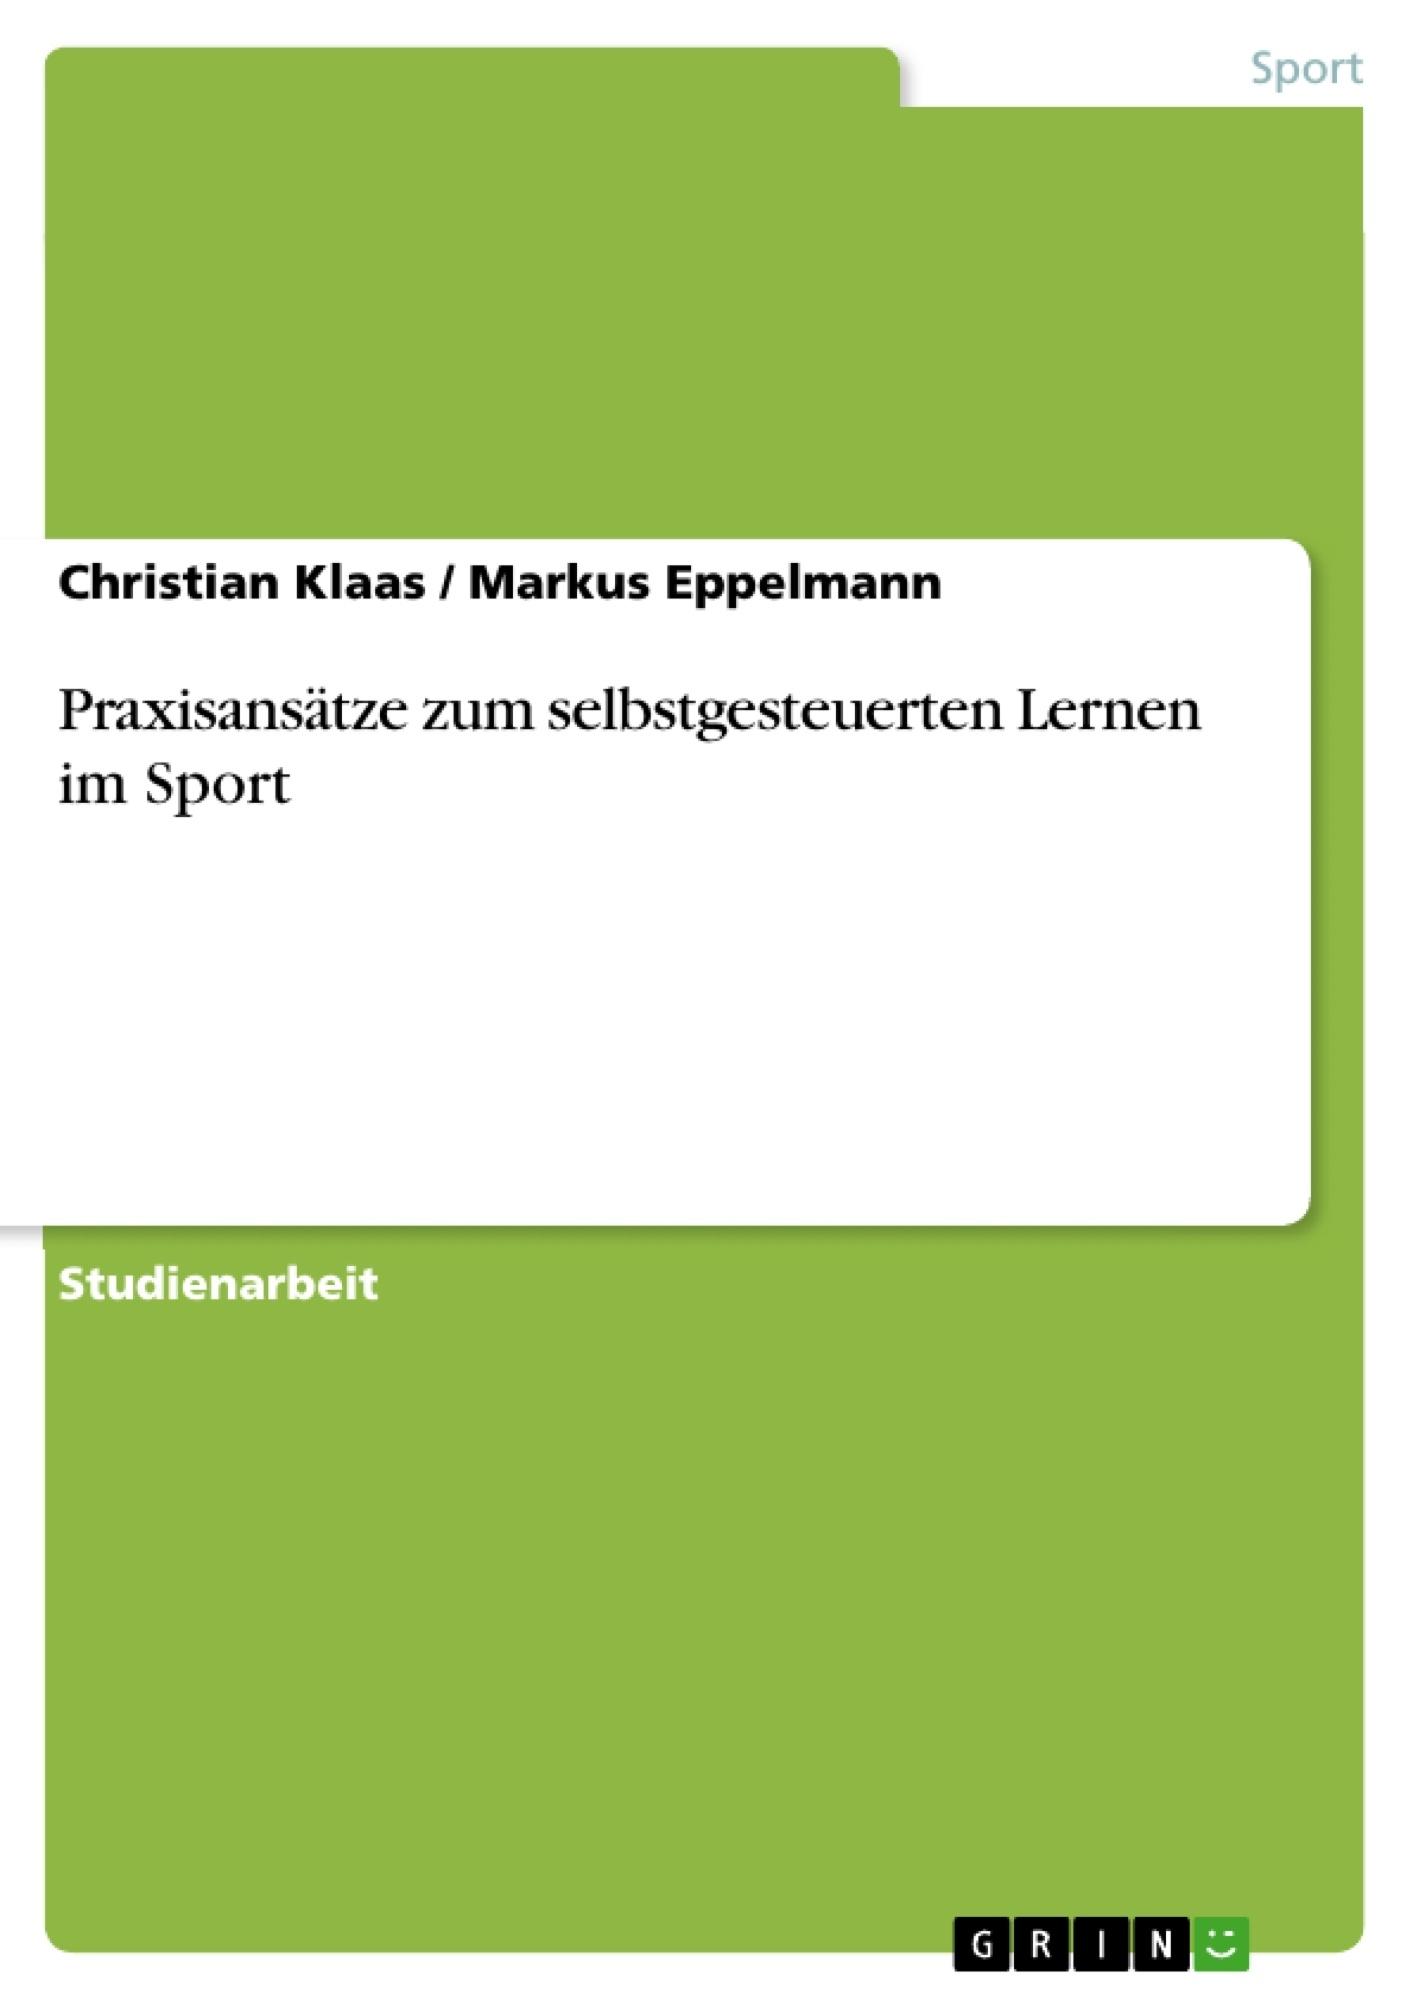 Titel: Praxisansätze zum selbstgesteuerten Lernen im Sport